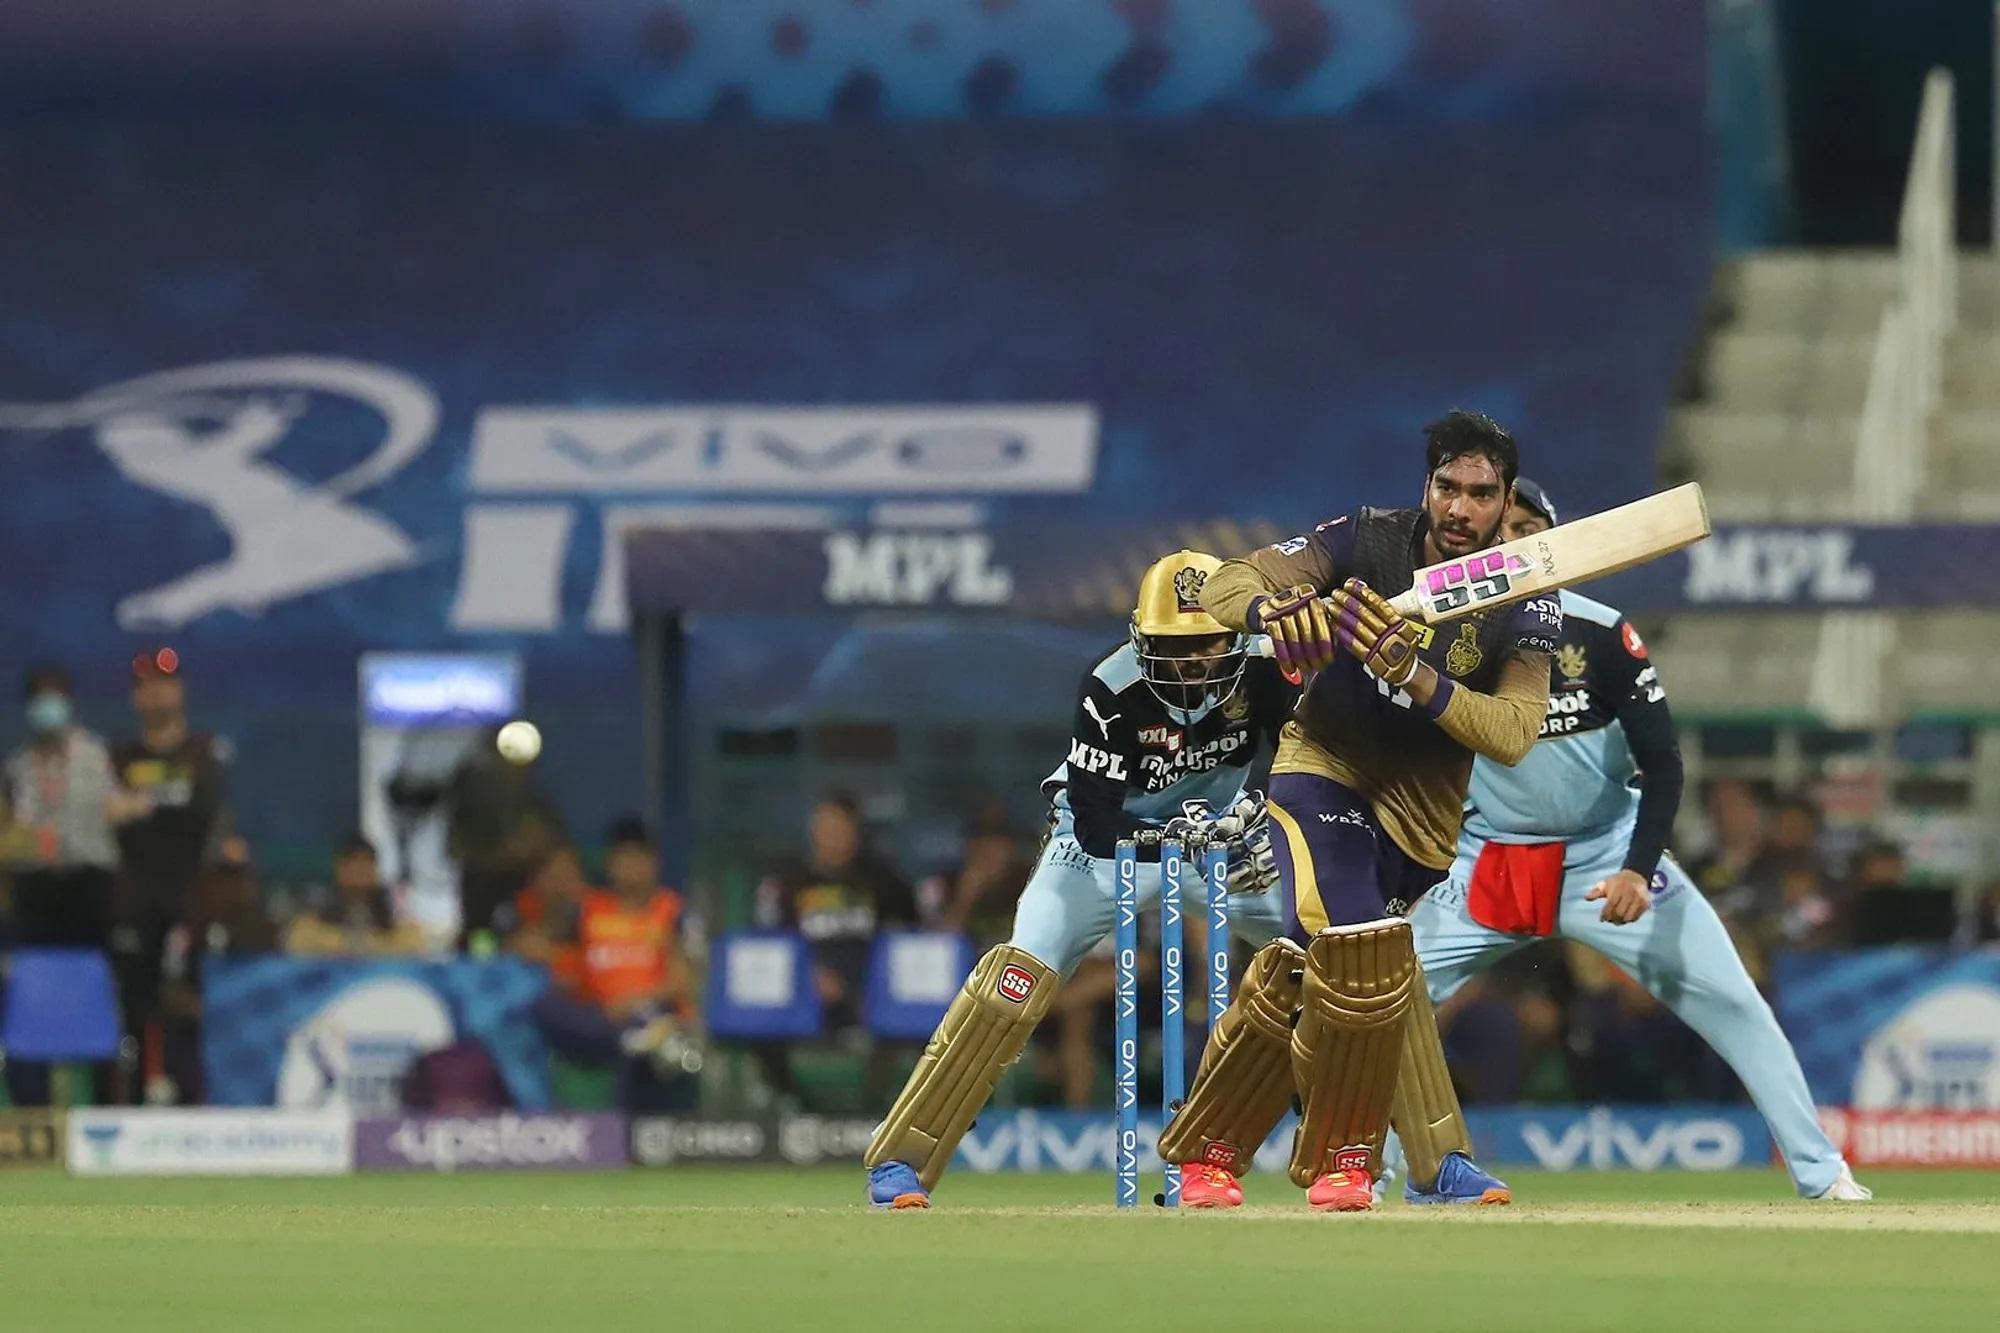 वेंकटेश को जब RCB के स्पिनर्स बॉलिंग करने आए तो उन्होंने हेलमेट उतार दिया और बिना कैप लगाए बैटिंग करने लगे। पहले ही मैच में उन्होंने 27 गेंद में 7 चौके और 1 छक्के की मदद से 41 रन बनाए।